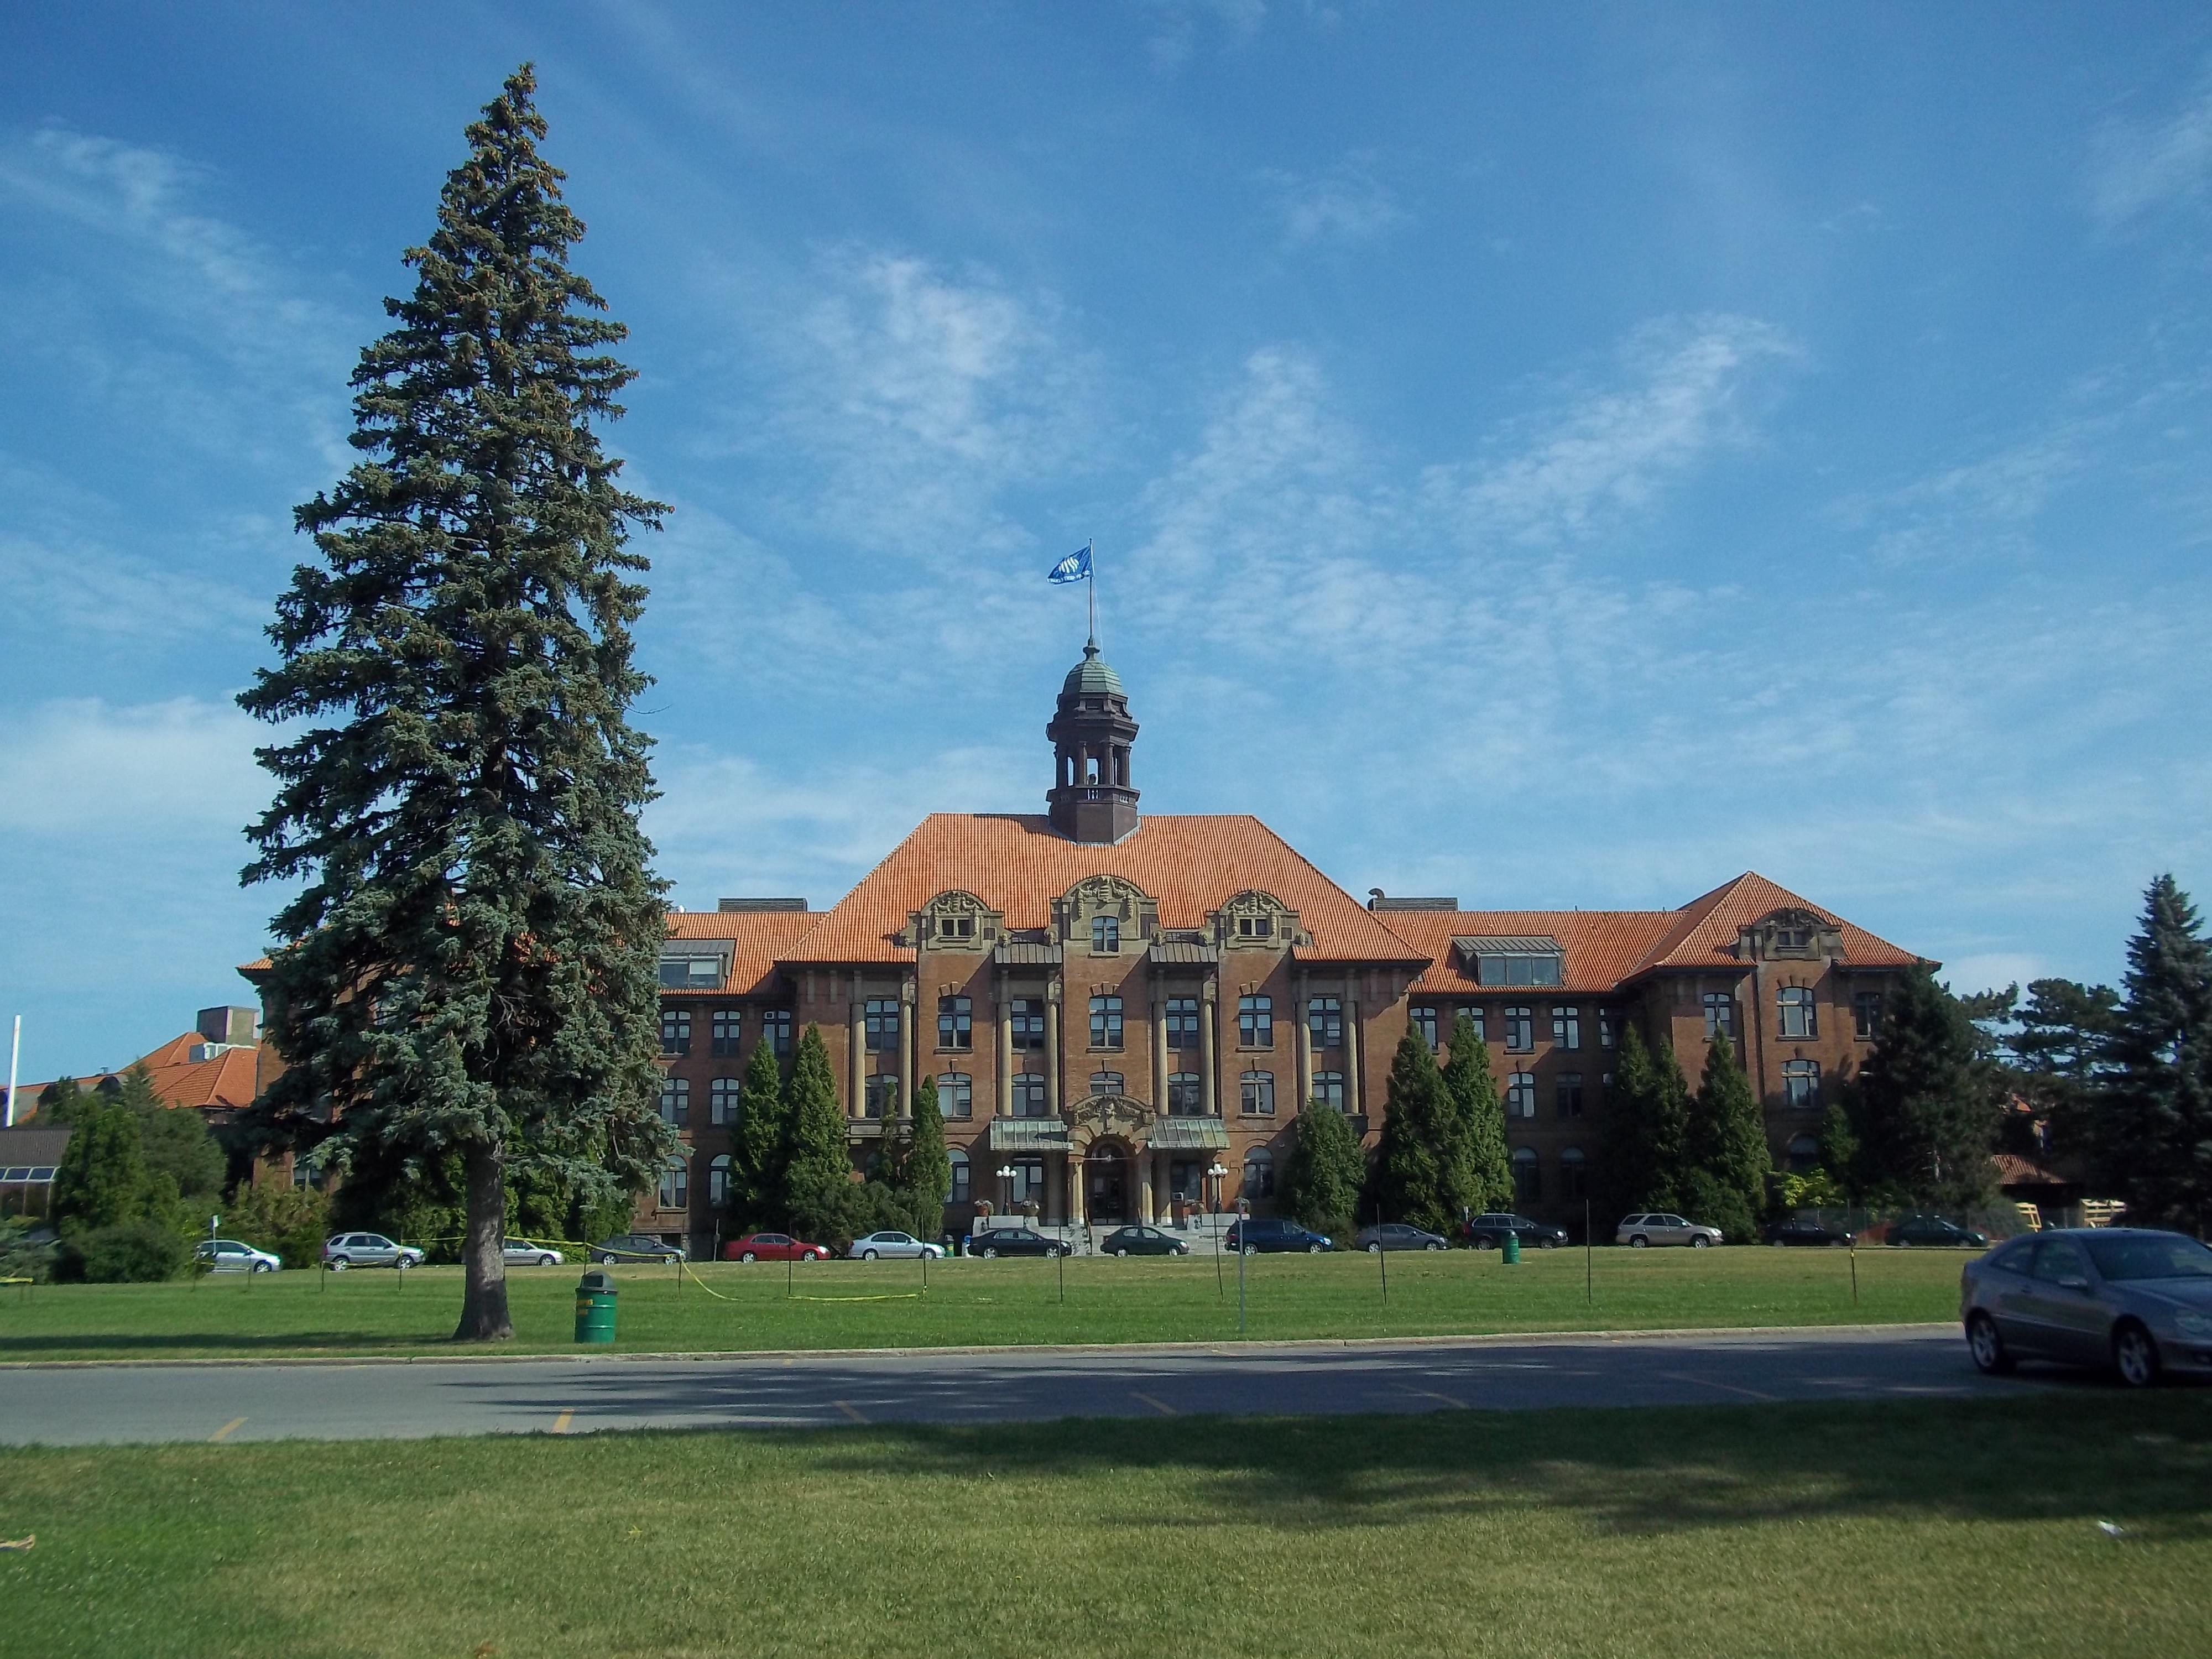 John Abbott College